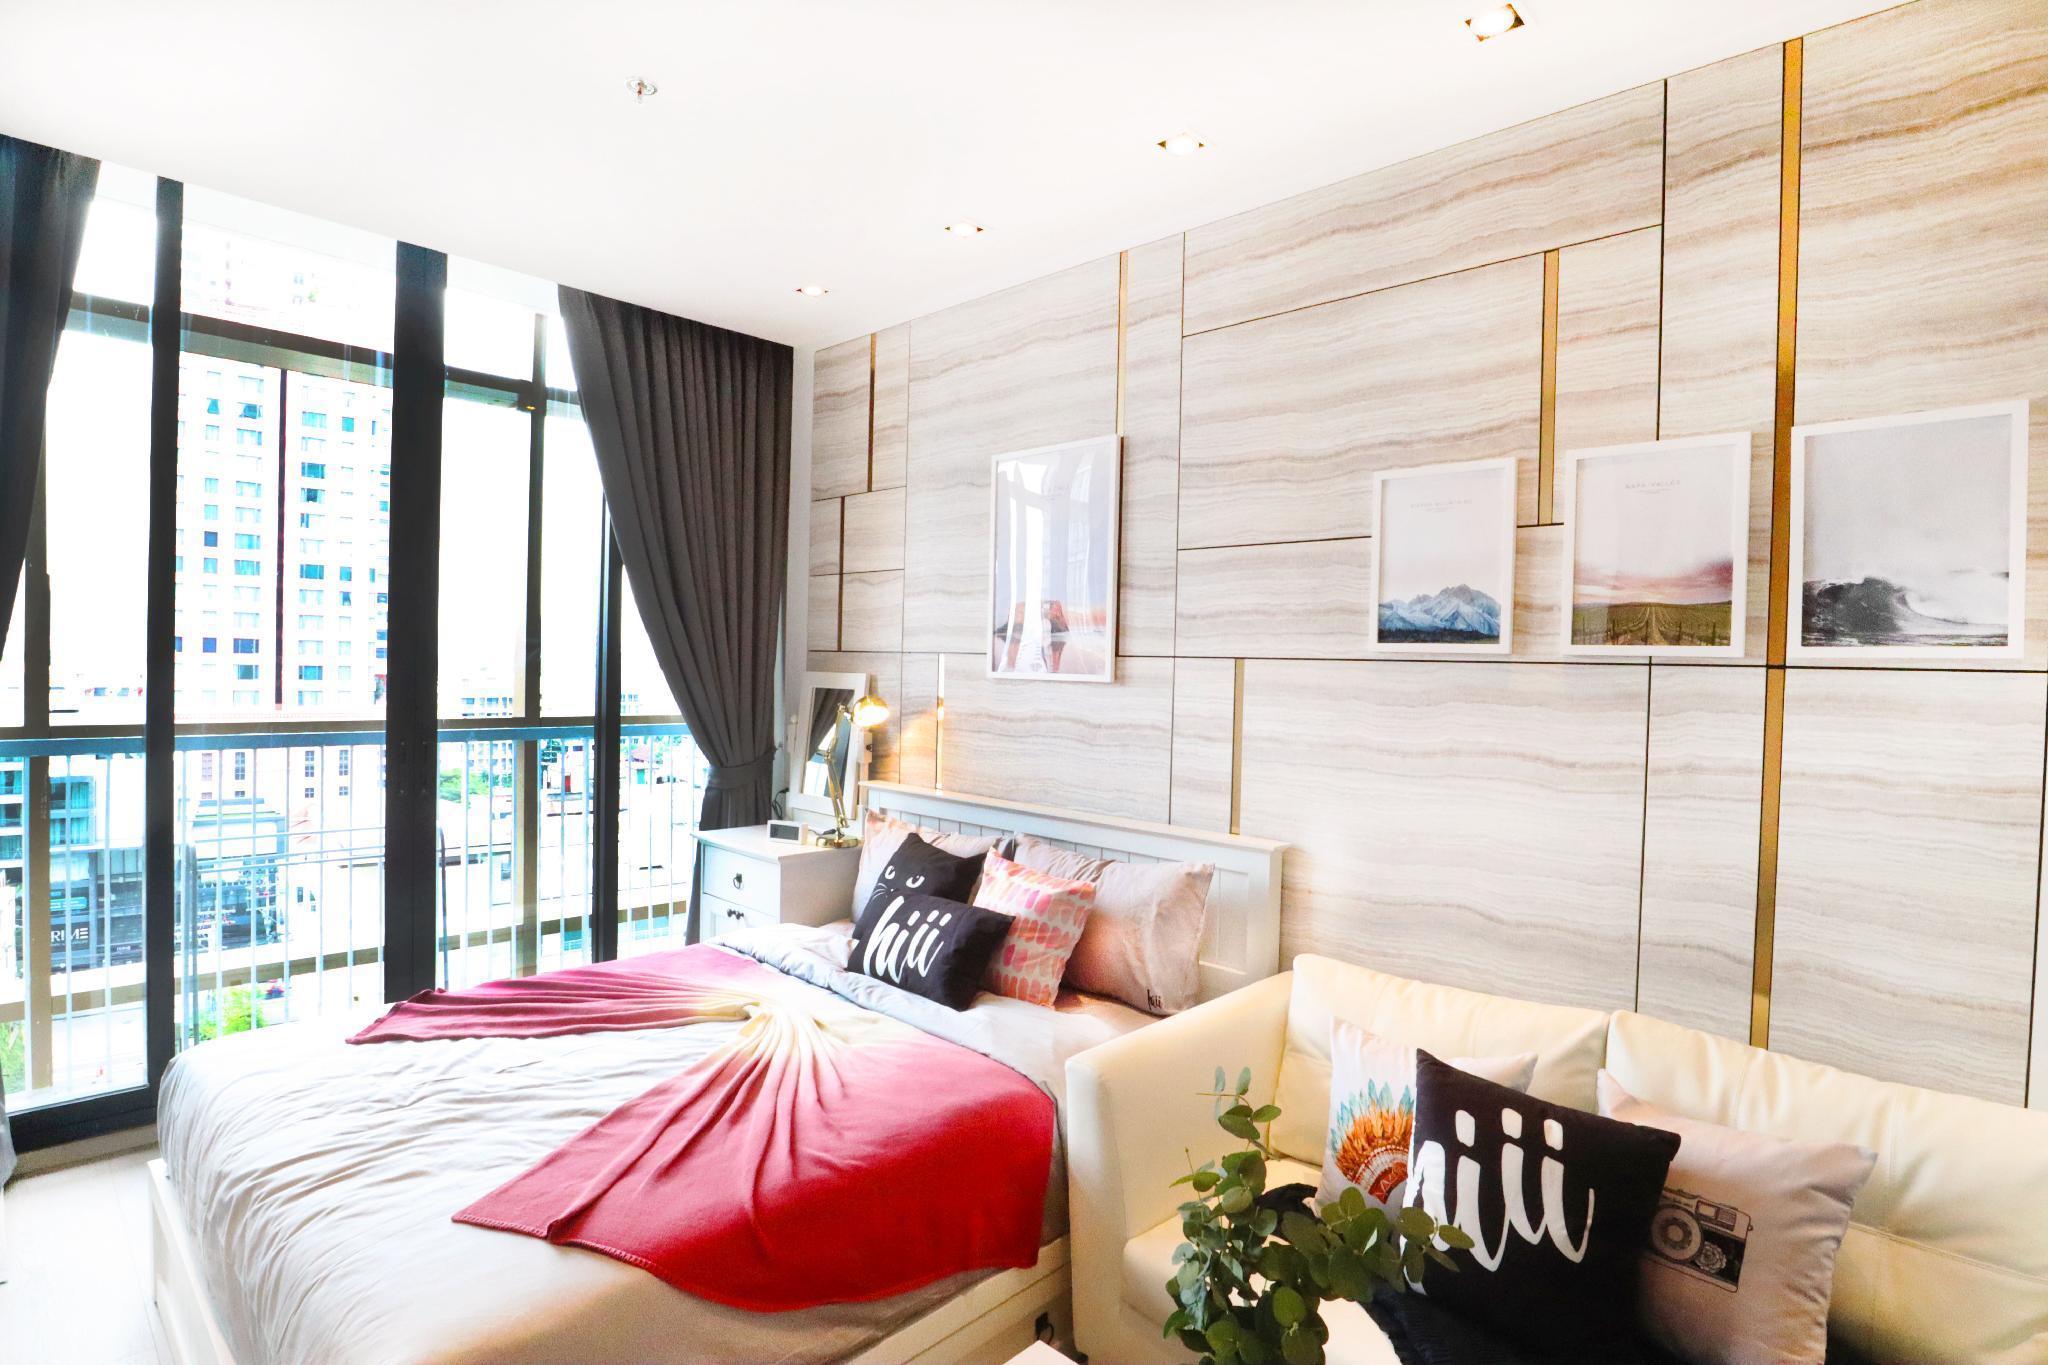 【hiii】BKK Center@Sukhumvit24/Cloud Pool&Gym-BKK106 อพาร์ตเมนต์ 1 ห้องนอน 1 ห้องน้ำส่วนตัว ขนาด 29 ตร.ม. – สุขุมวิท